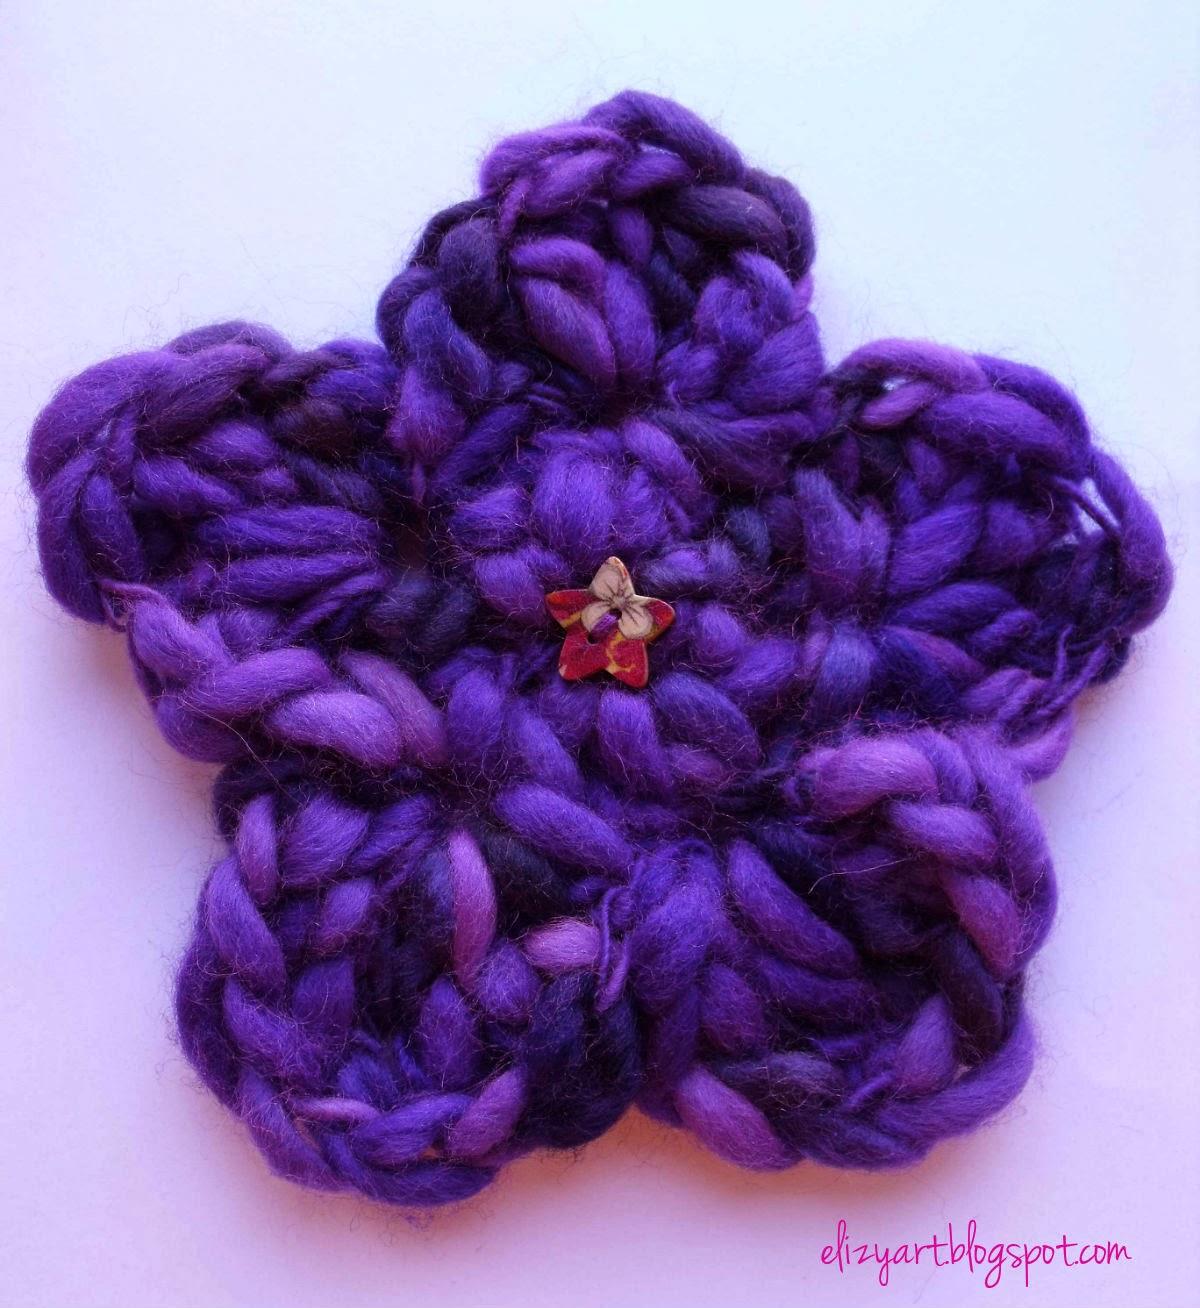 http://elizyart.blogspot.com.es/2012/11/slubby-flower-brooch.html